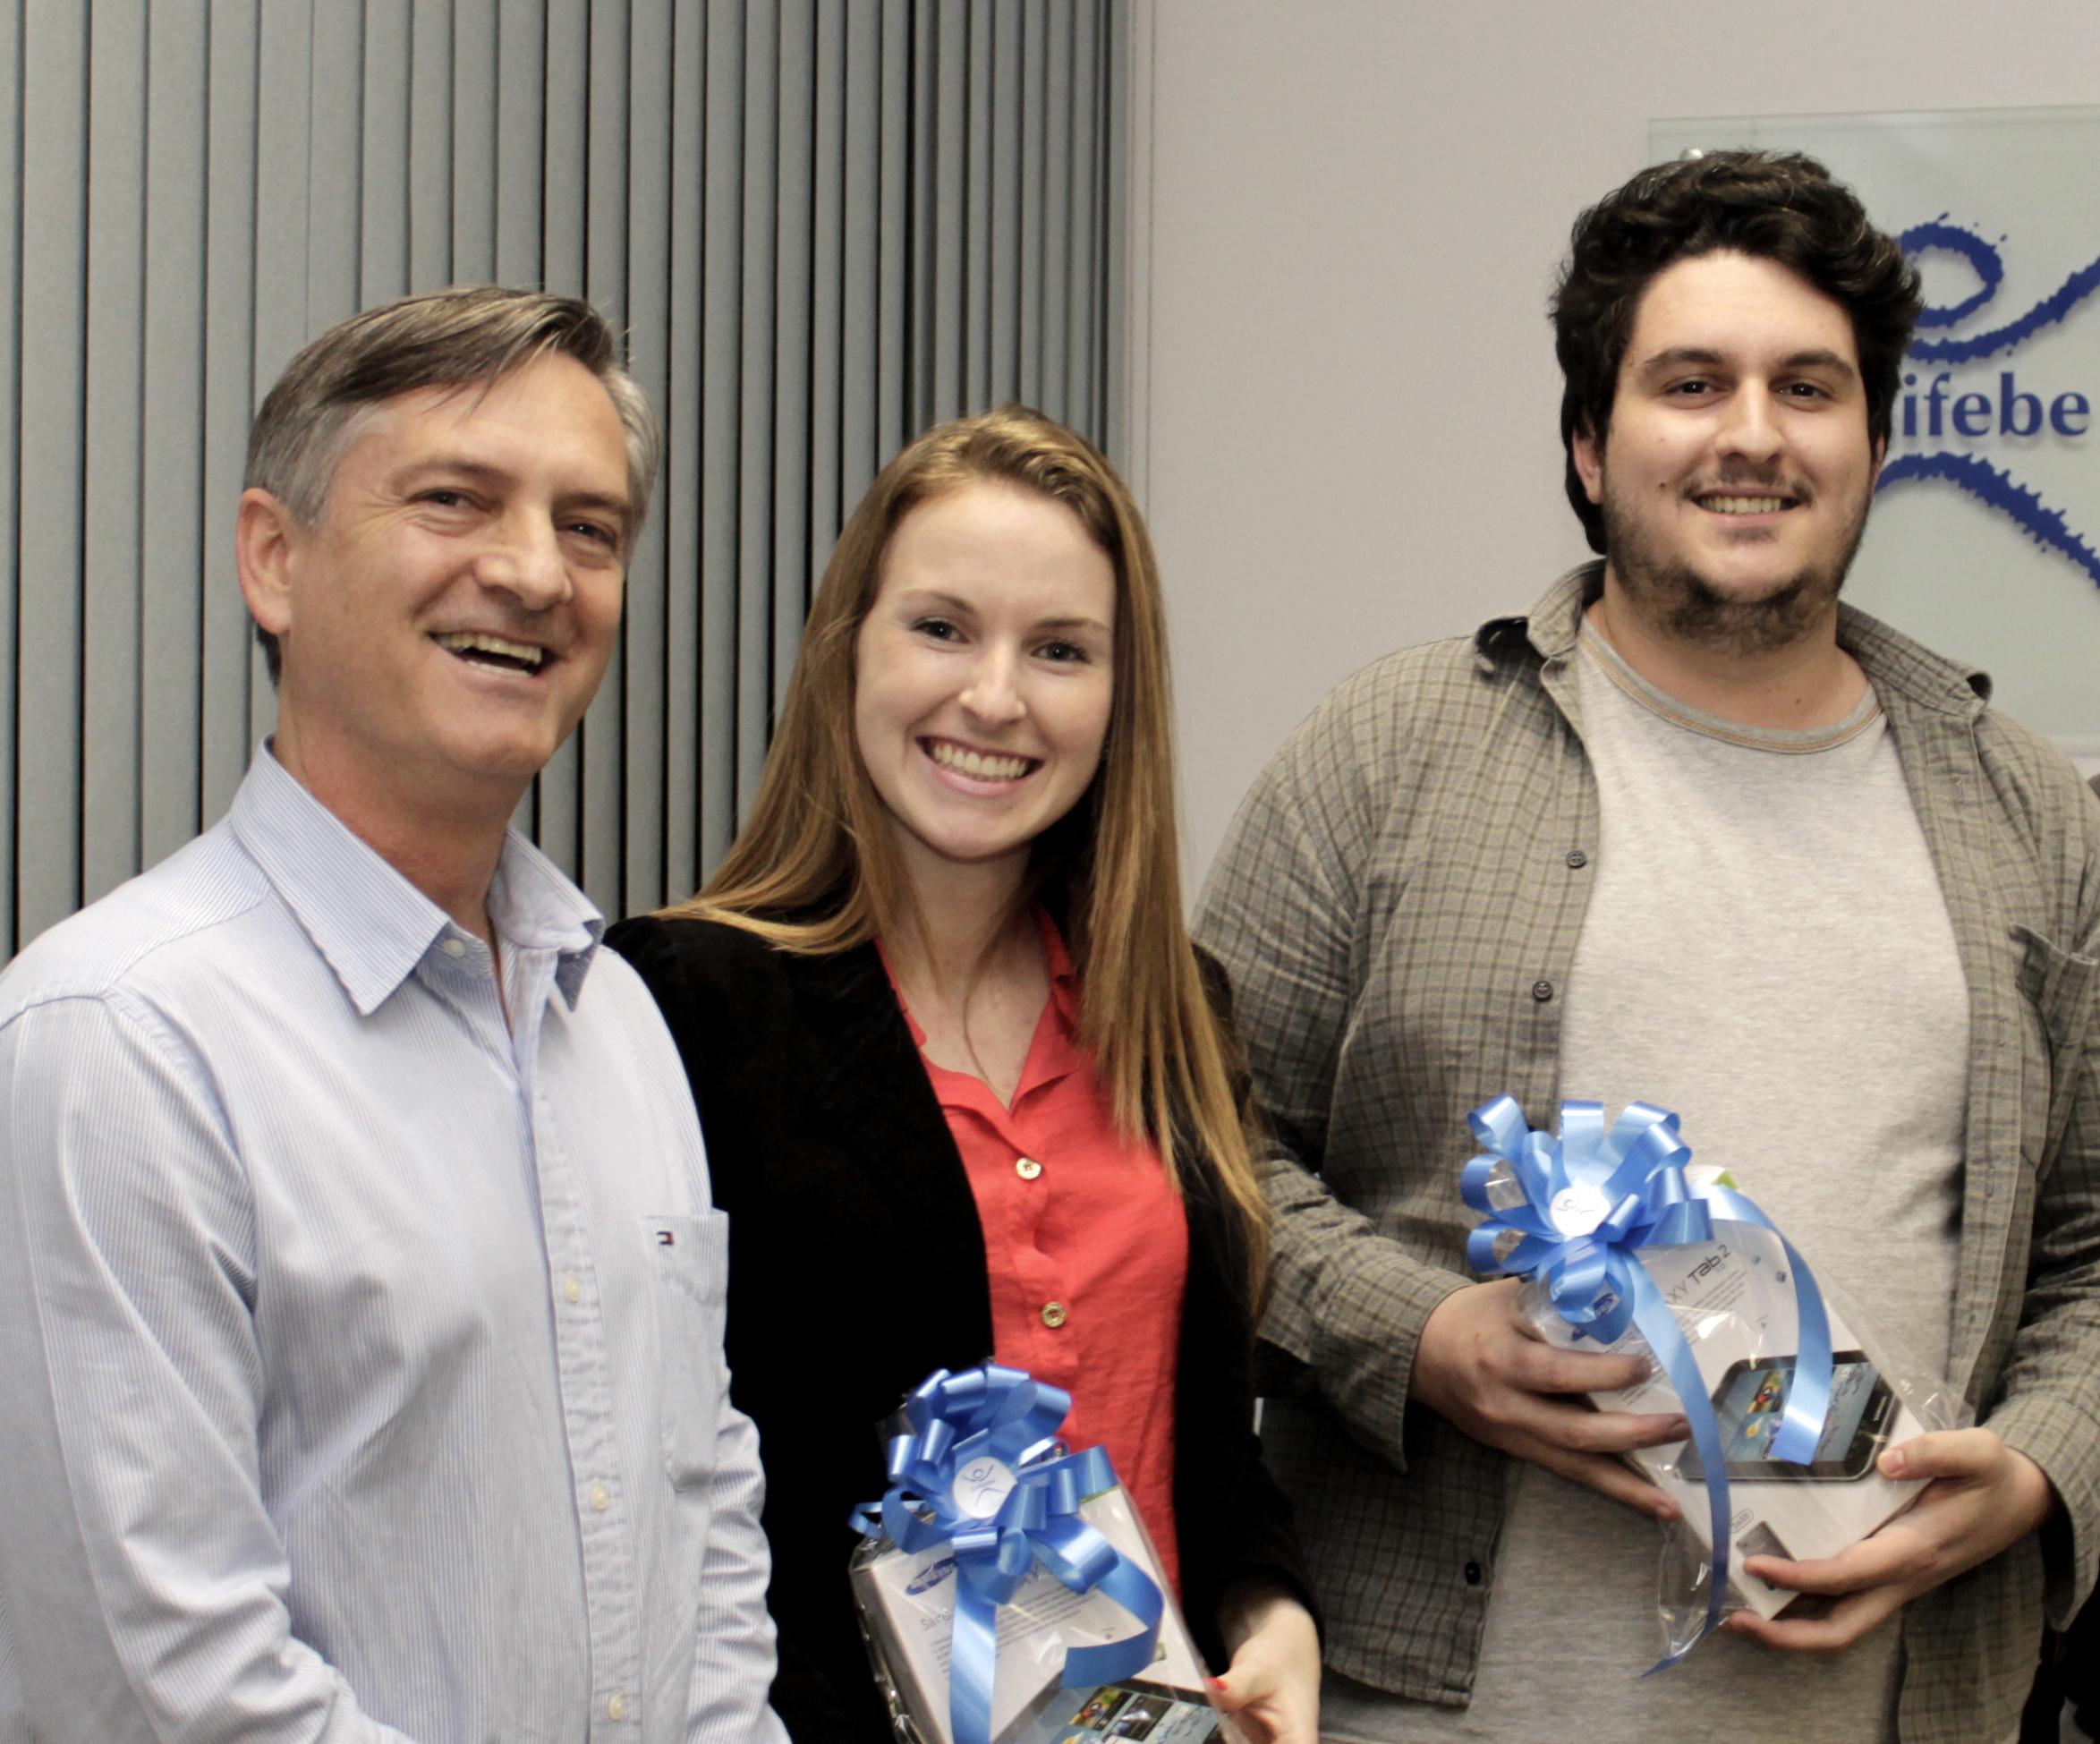 UNIFEBE premia vencedores do selo e slogan dos 40 Anos